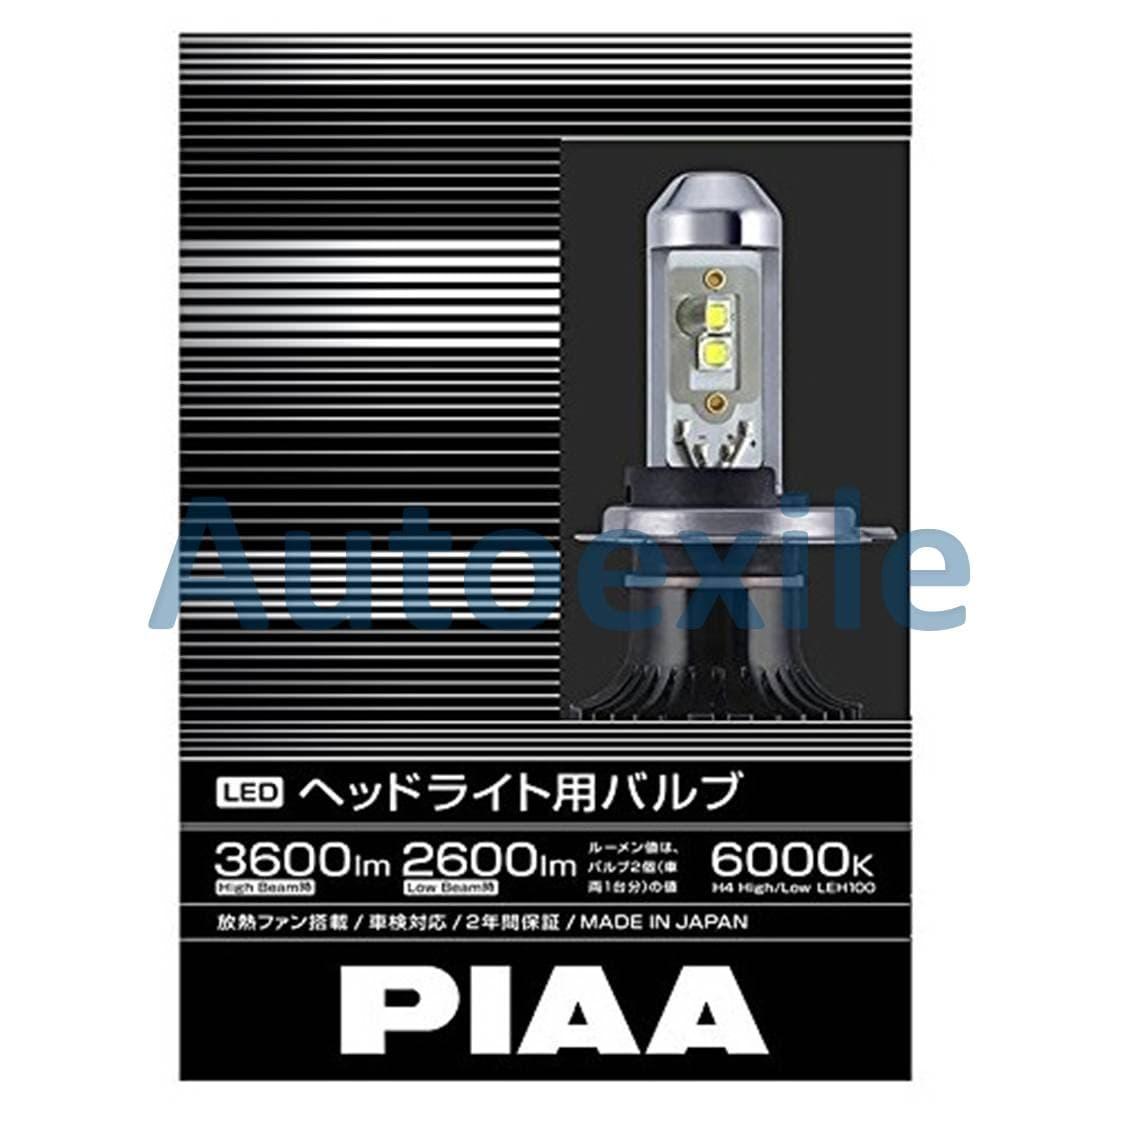 PIAA LEH100 LED H4 9003 12V 23W 6000K Putih Made in Japan Lampu Mobil